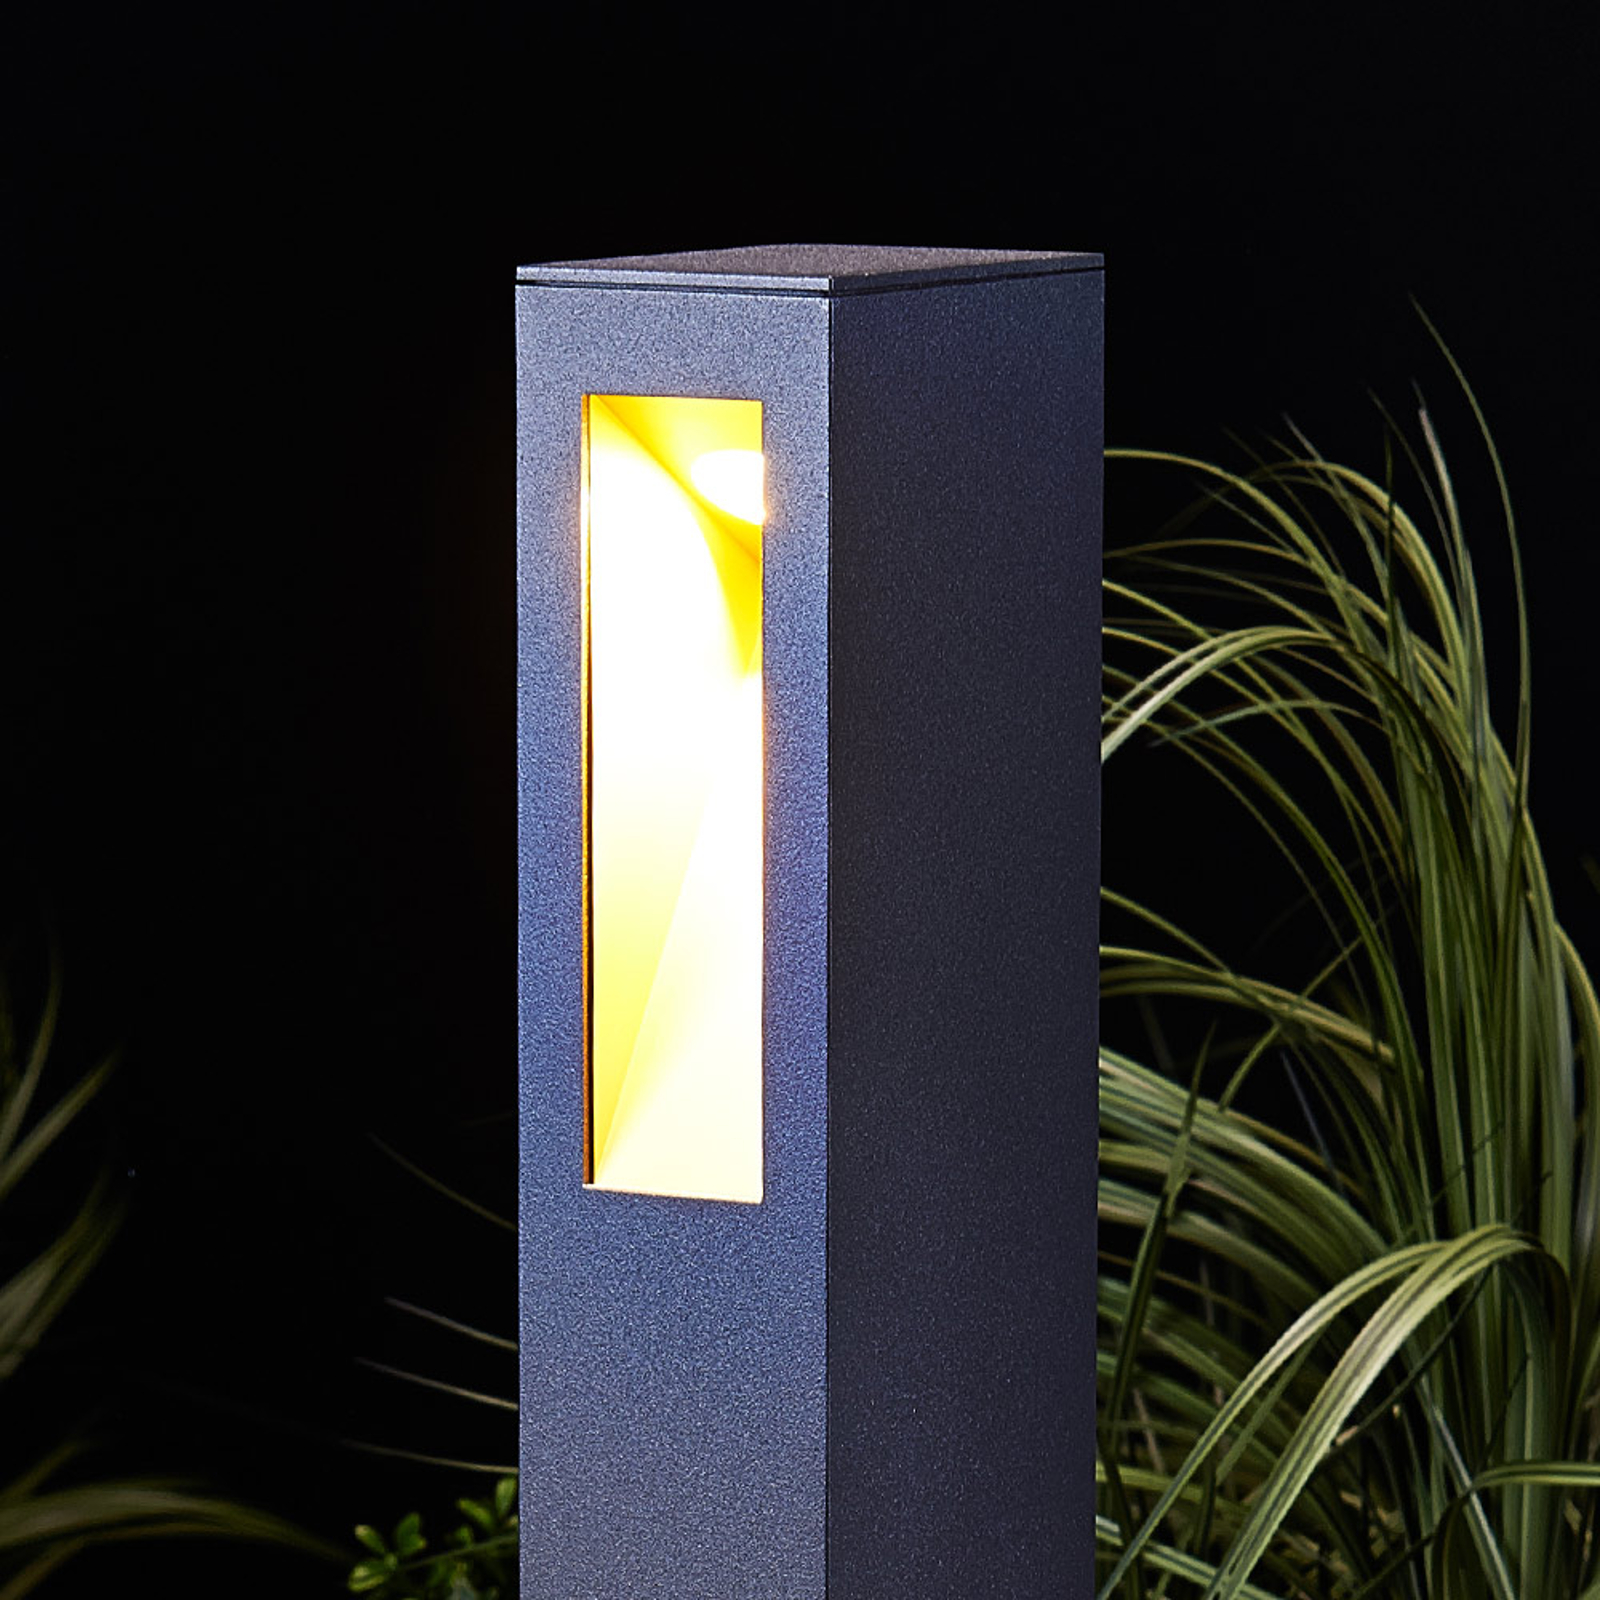 Prostoliniowy słupek oświetleniowy LED Jenke